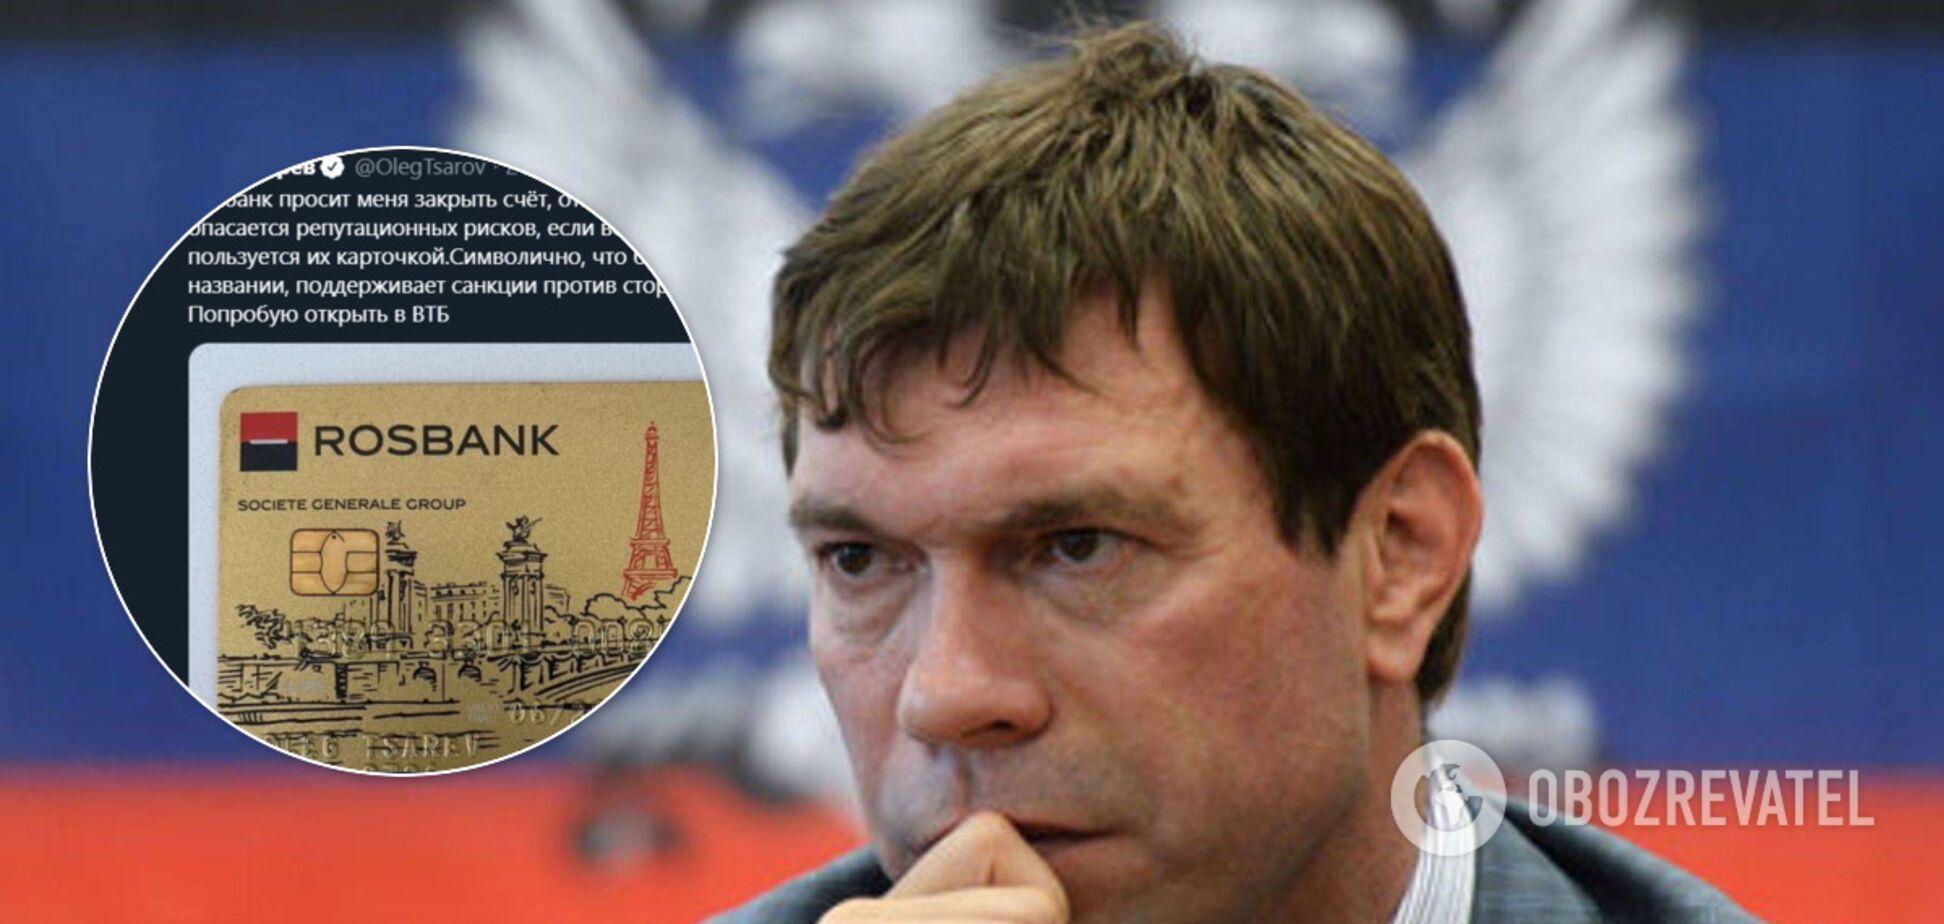 Царьов поскаржився, що російський банк визнав його терористом